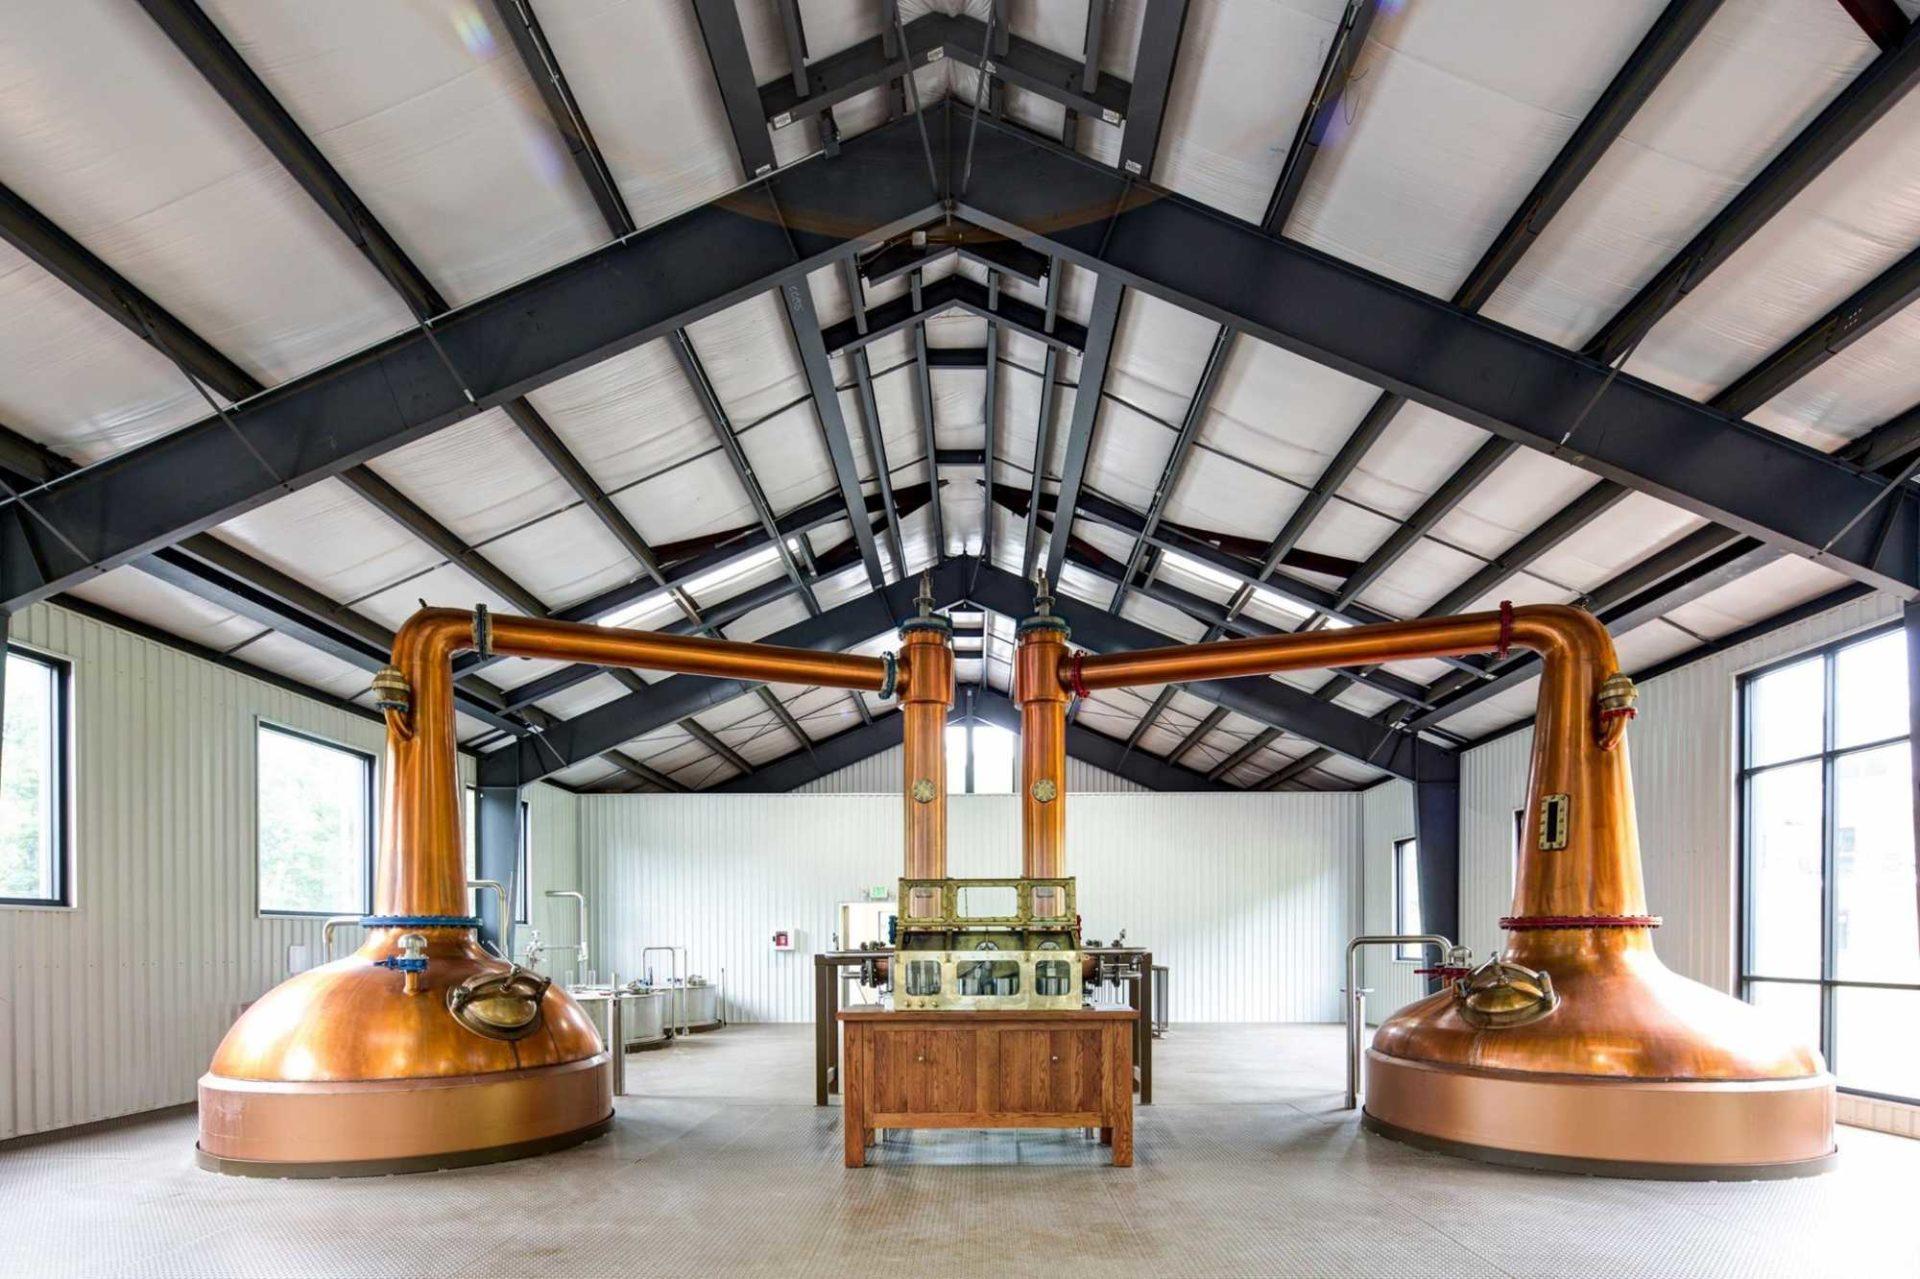 Virginia Distillery 301089 Allied Steel Buildings